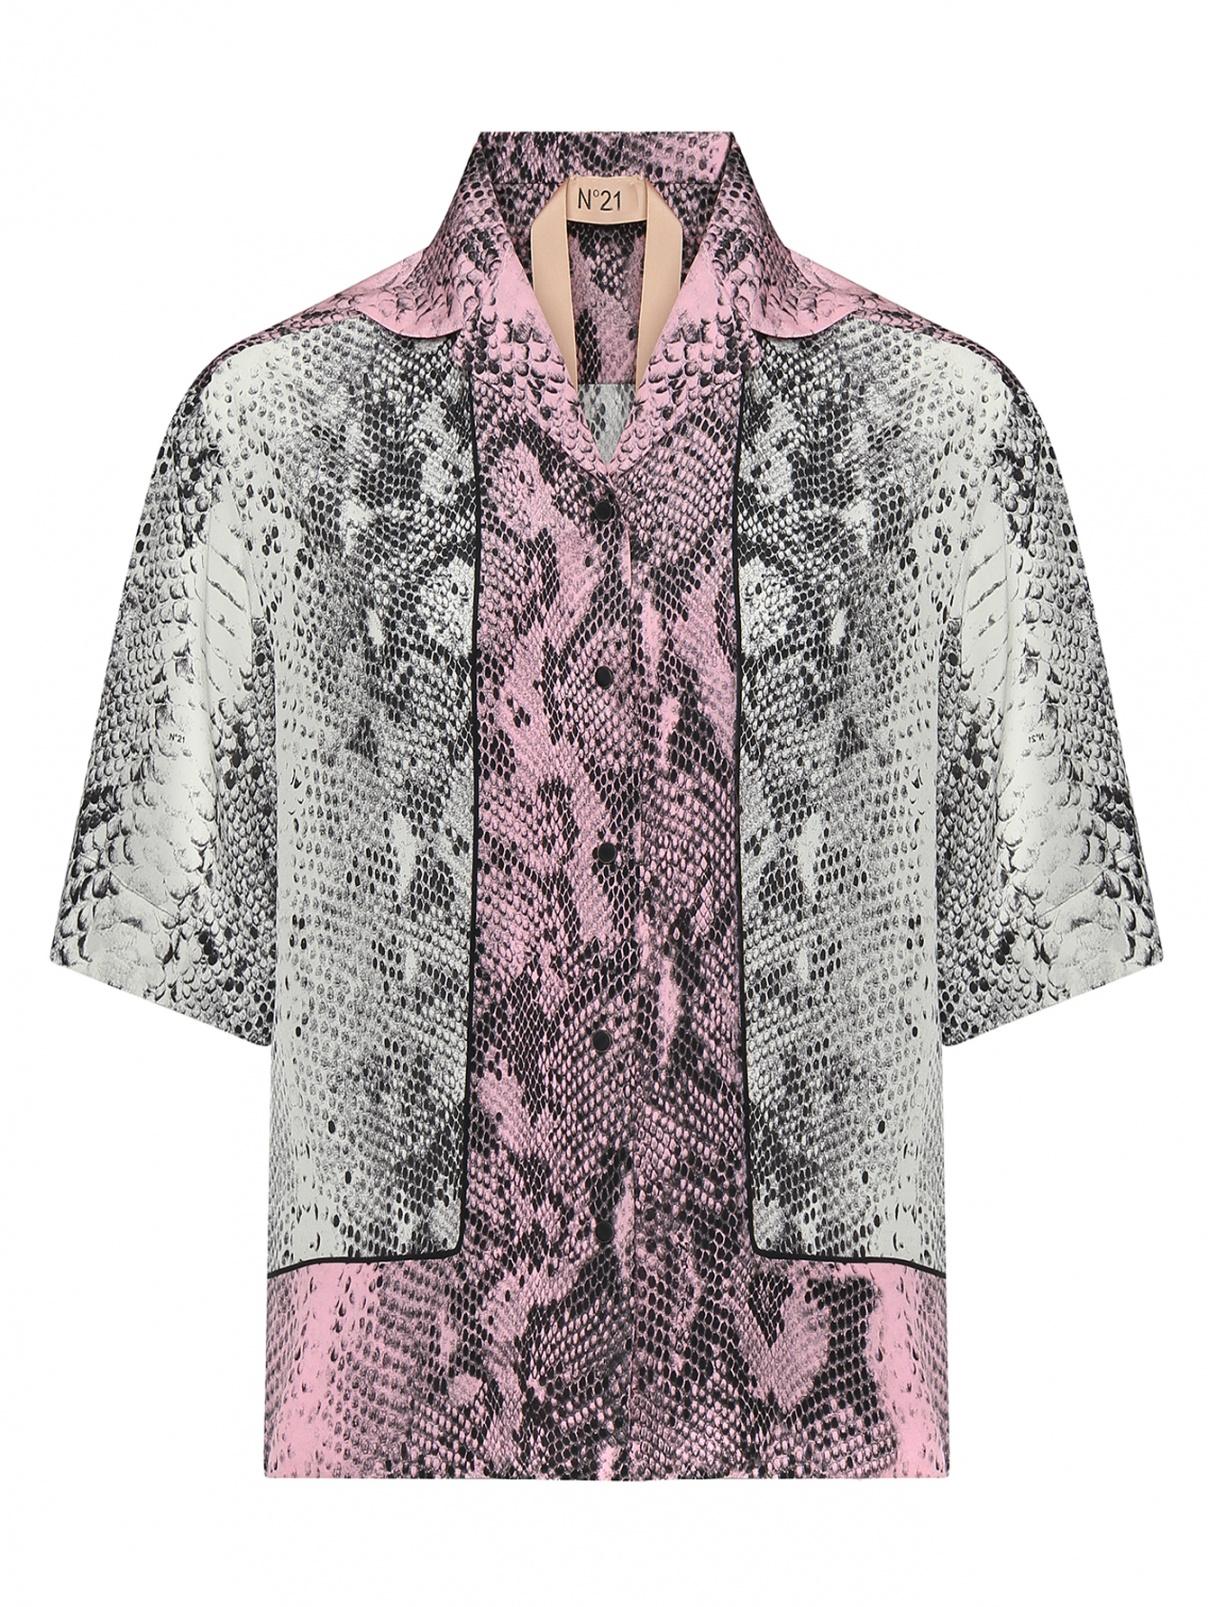 Блуза шелковая с животным узором N21  –  Общий вид